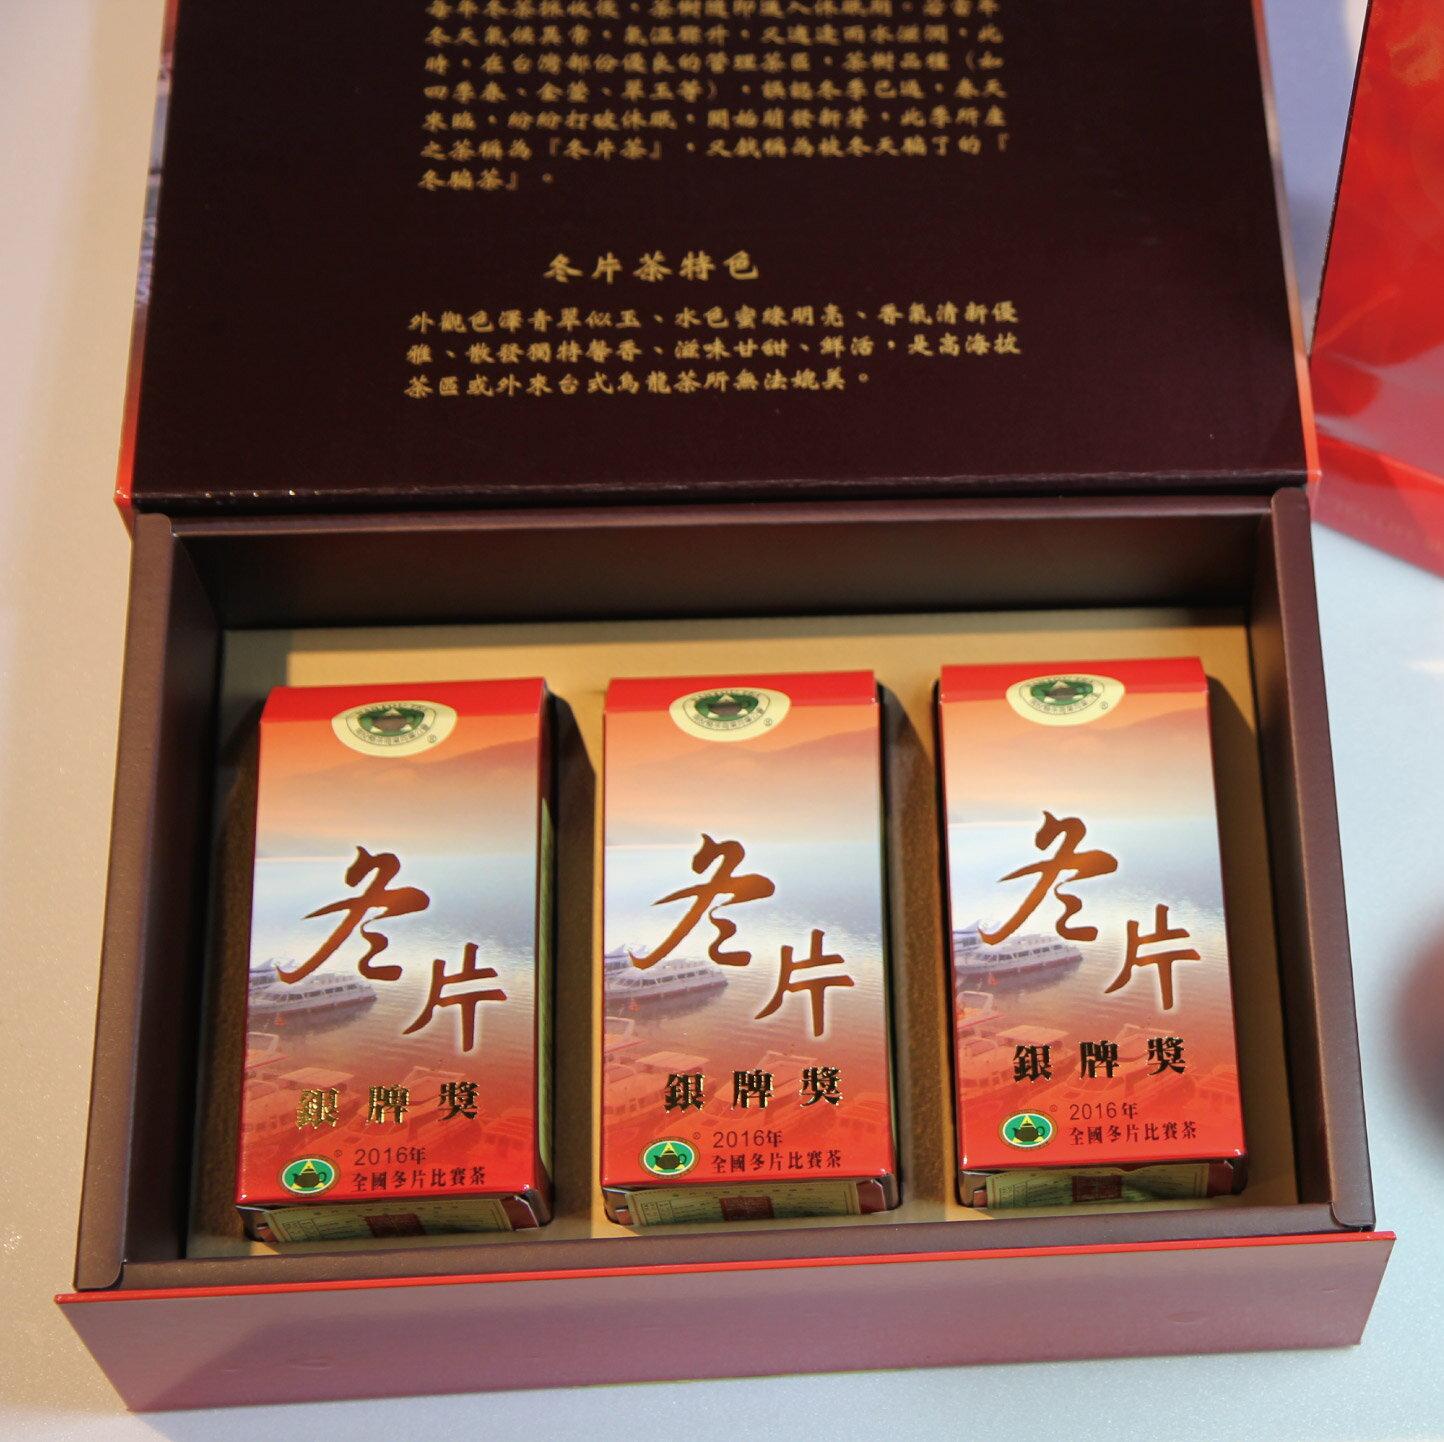 南投縣茶商公會全國冬片比賽茶「銀牌獎」200g*3入